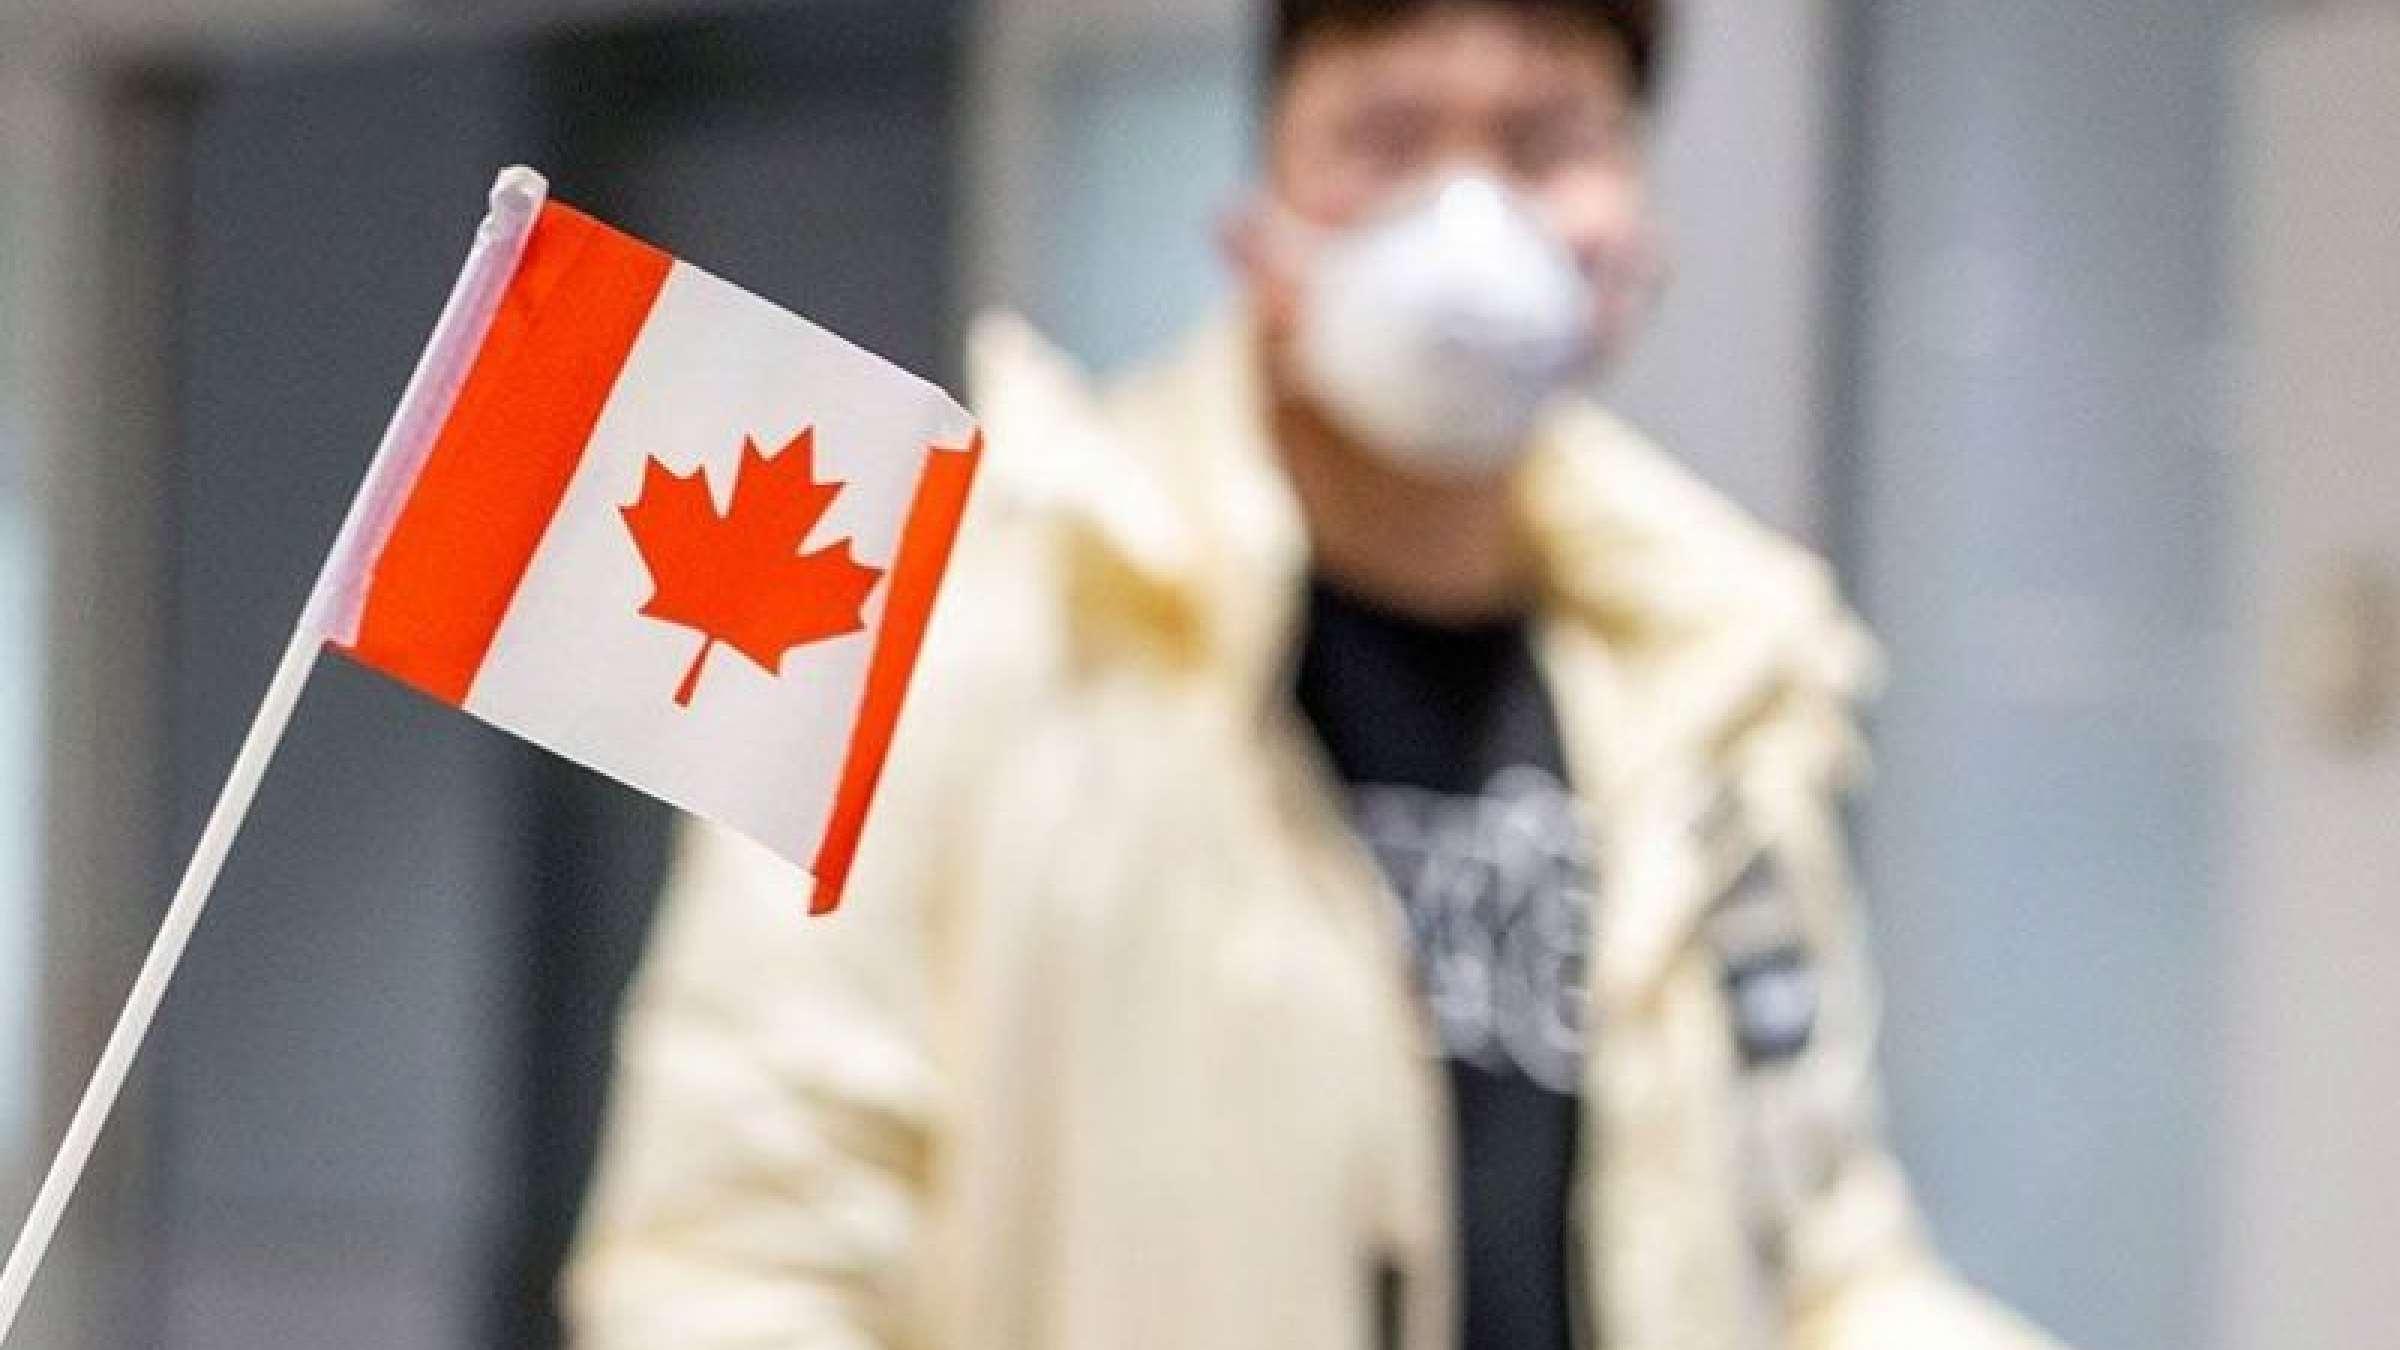 کانادایی-ها-از-عملکرد-دولت-در-مدیریت-کرونا-بیشترین-رضایت-را-در-جهان-دارند-چرا-در-تهران-به-اندازه- تورنتو-معلول- دیده-نمیشود